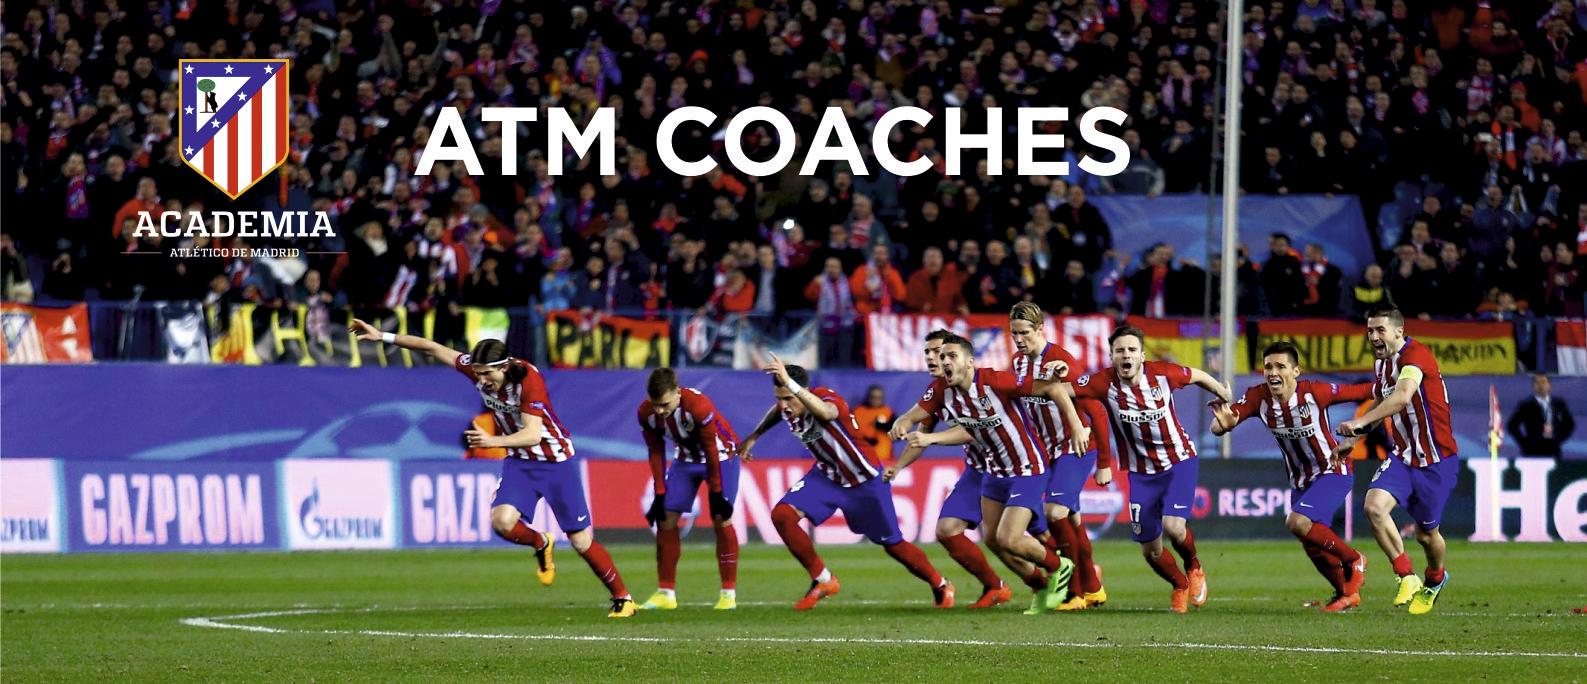 Atlético de Madrid Football Camp - ATM Coaches